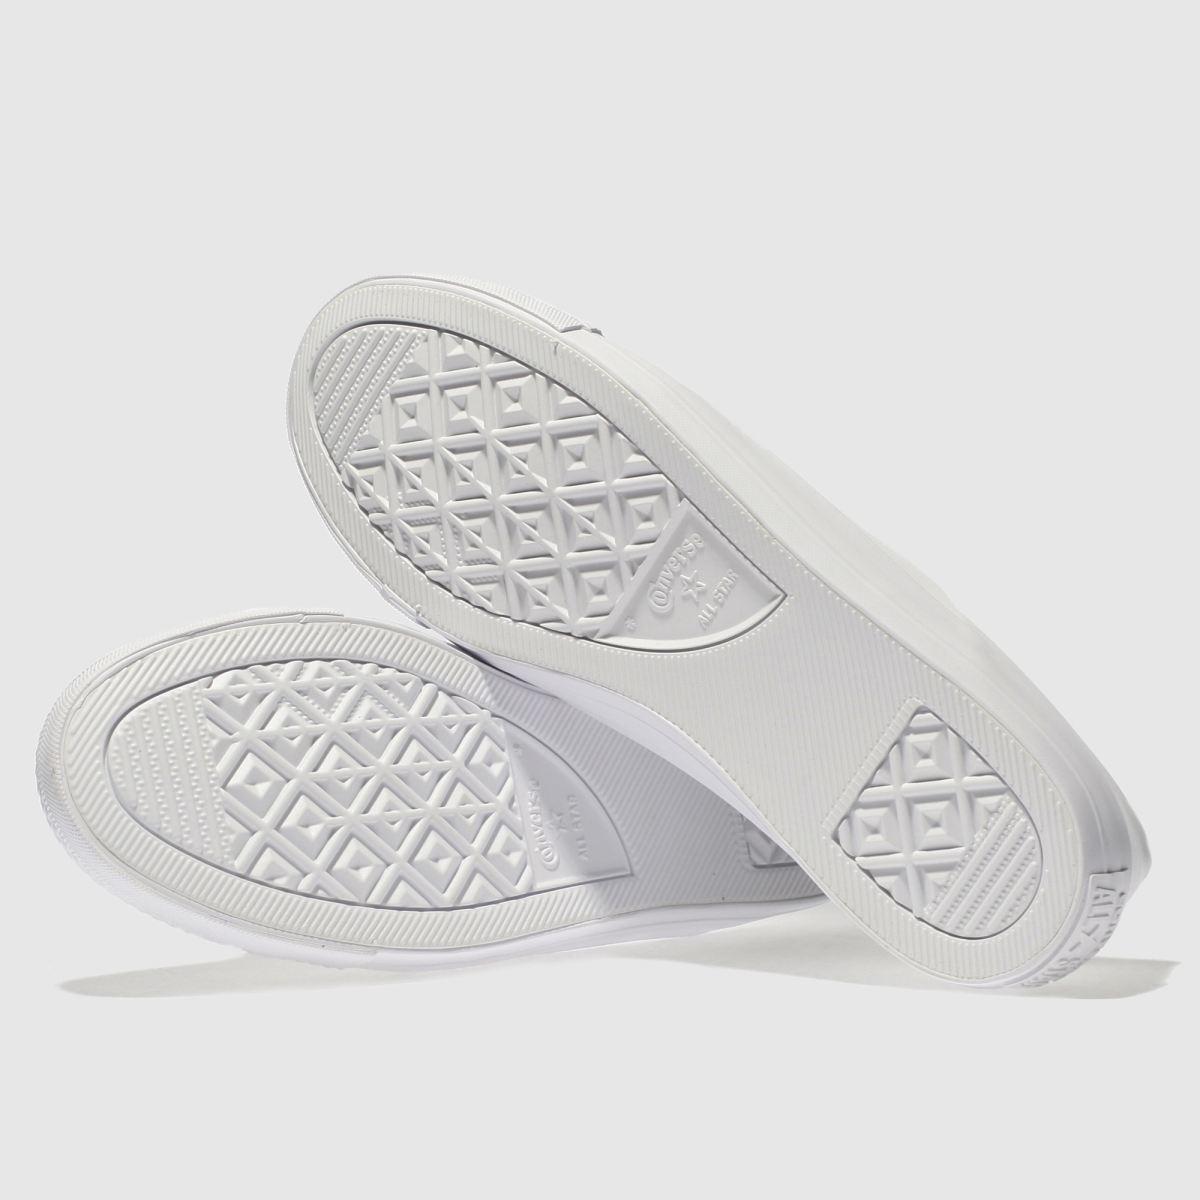 Damen Weiß-gold converse All Star Coral Craft Pu Ox Sneaker beliebte | schuh Gute Qualität beliebte Sneaker Schuhe e665c6